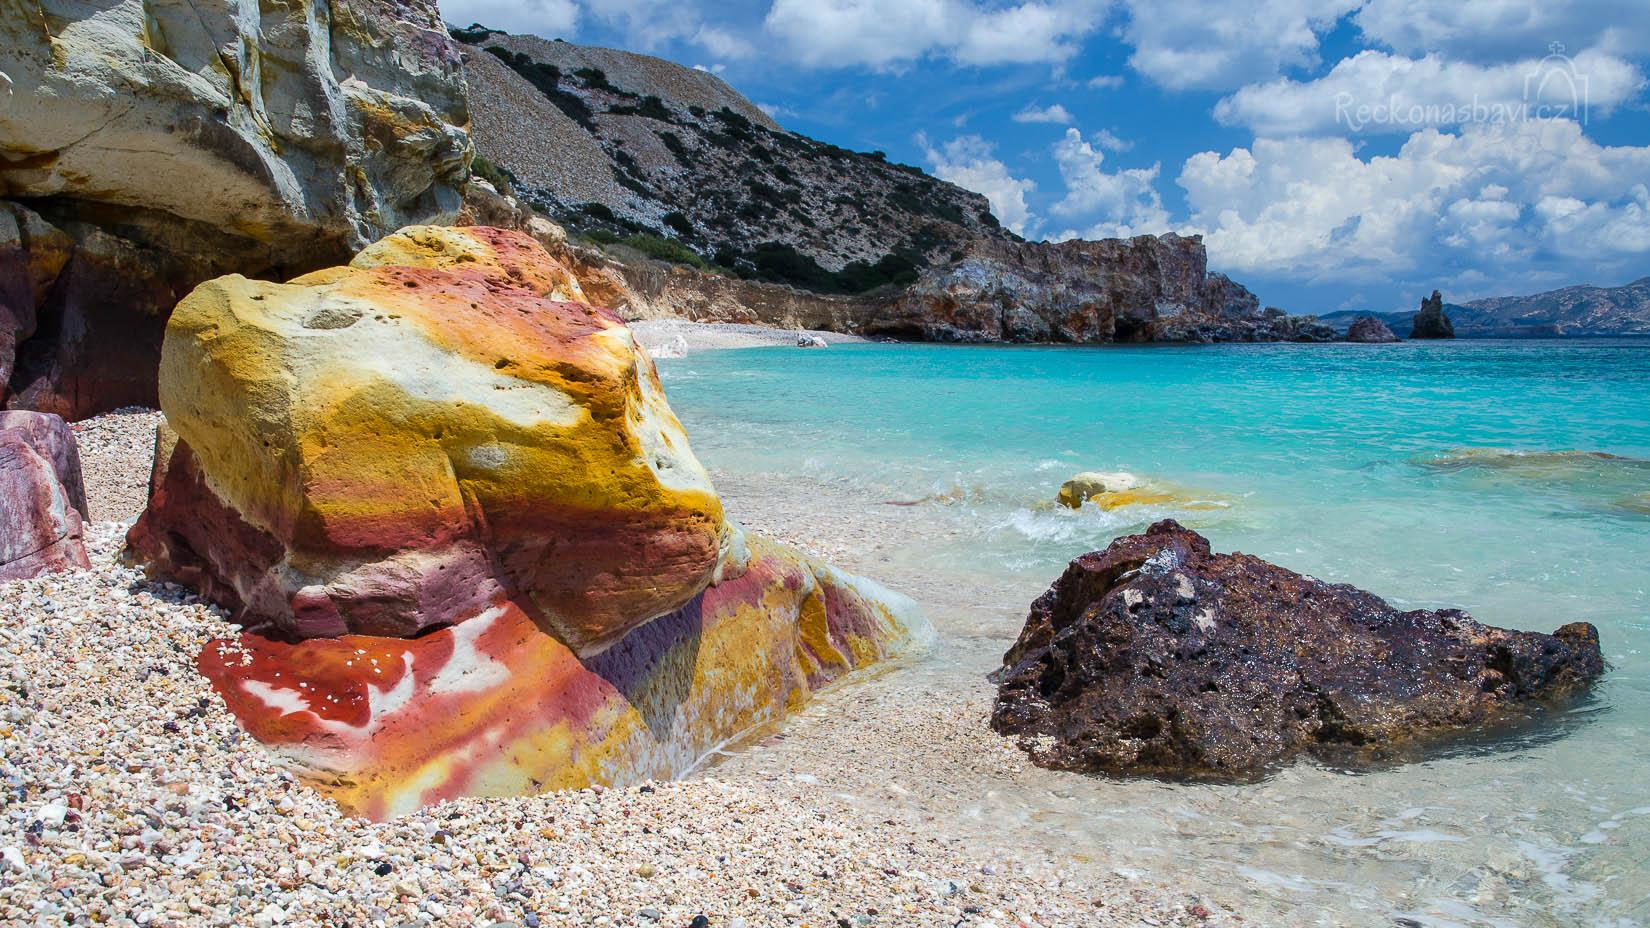 ... takto barevné kameny jen tak někde nenajdete...